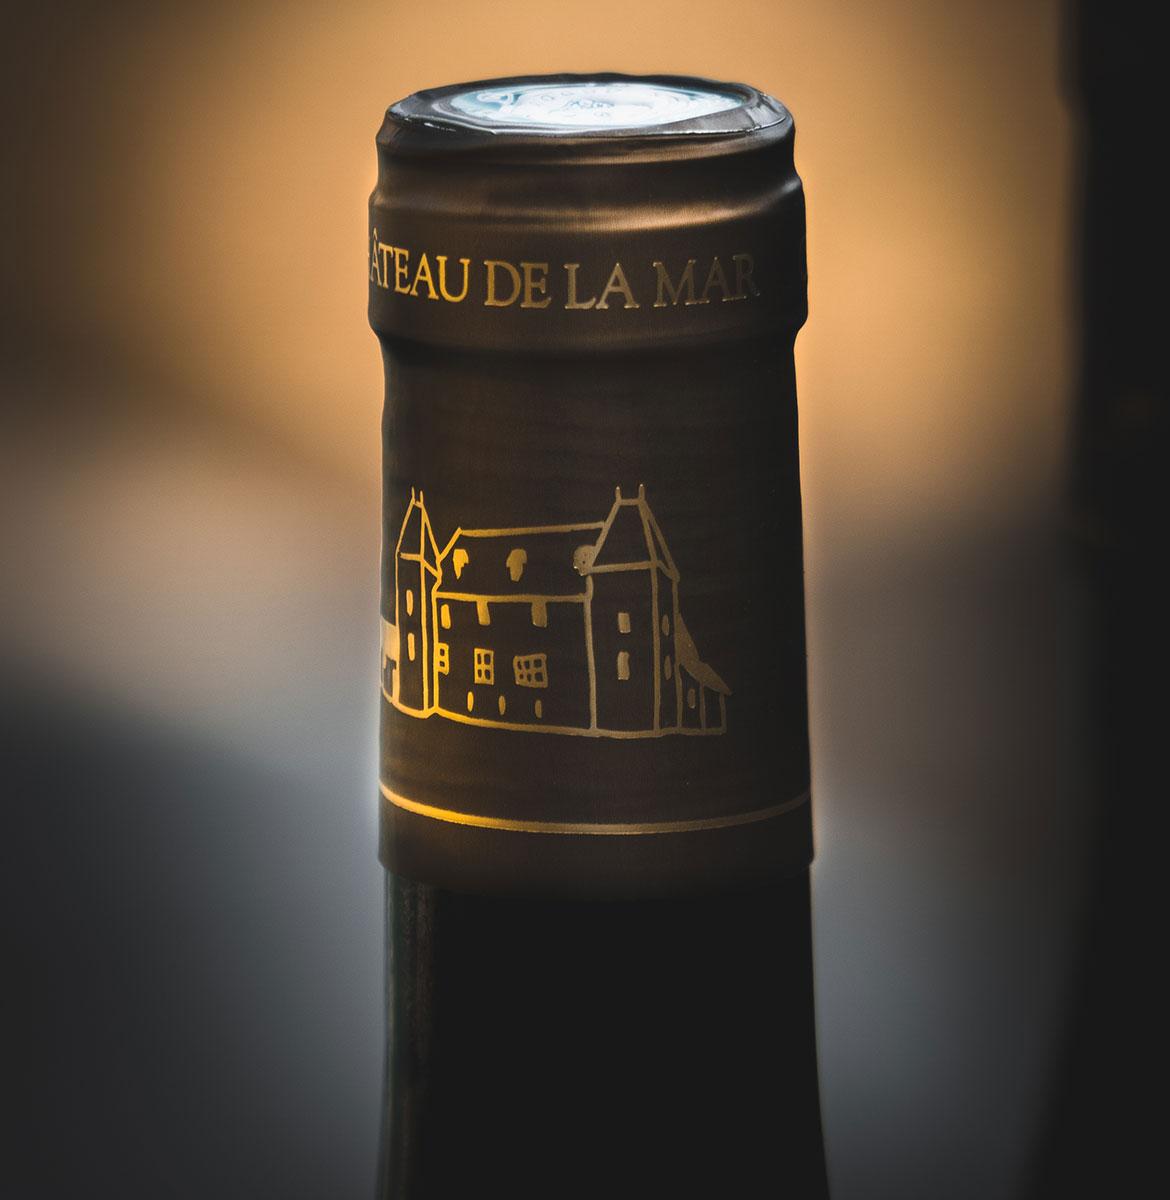 Col de bouteille Chateau de la Mar - Vins de Savoie